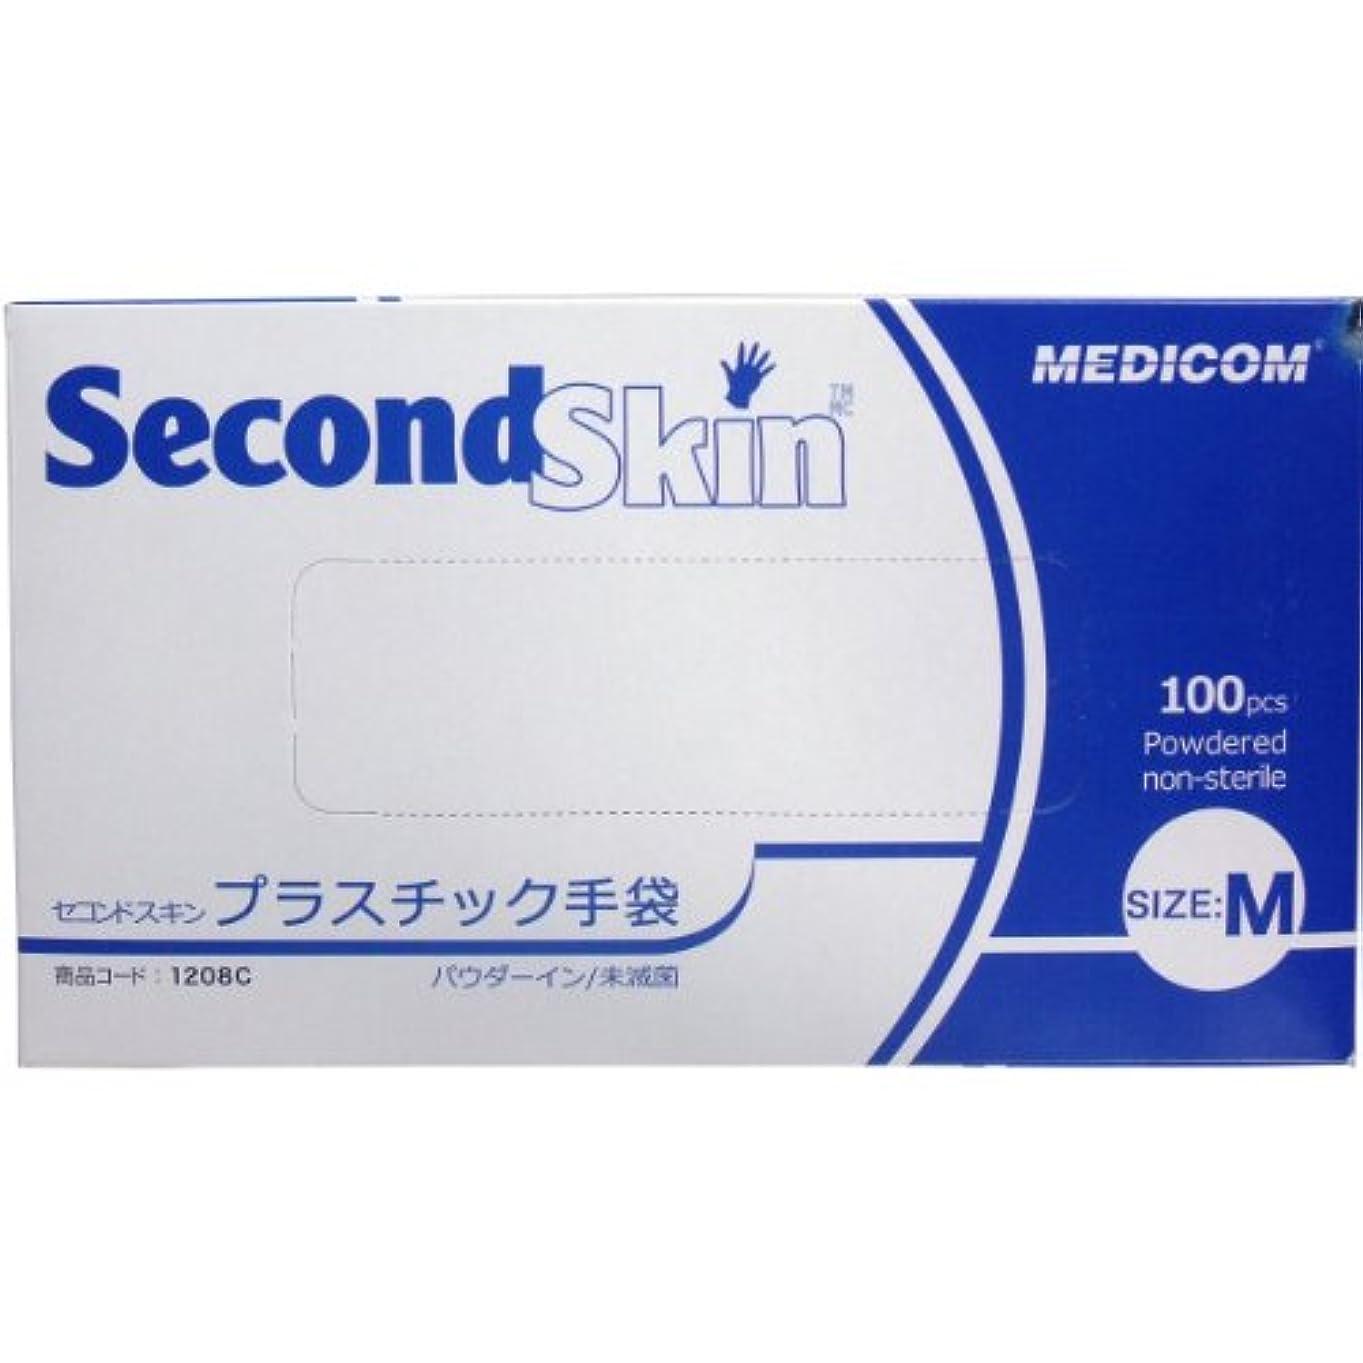 アッティカススキー学部長セコンドスキン プラスチック手袋 Mサイズ 100枚入(単品)